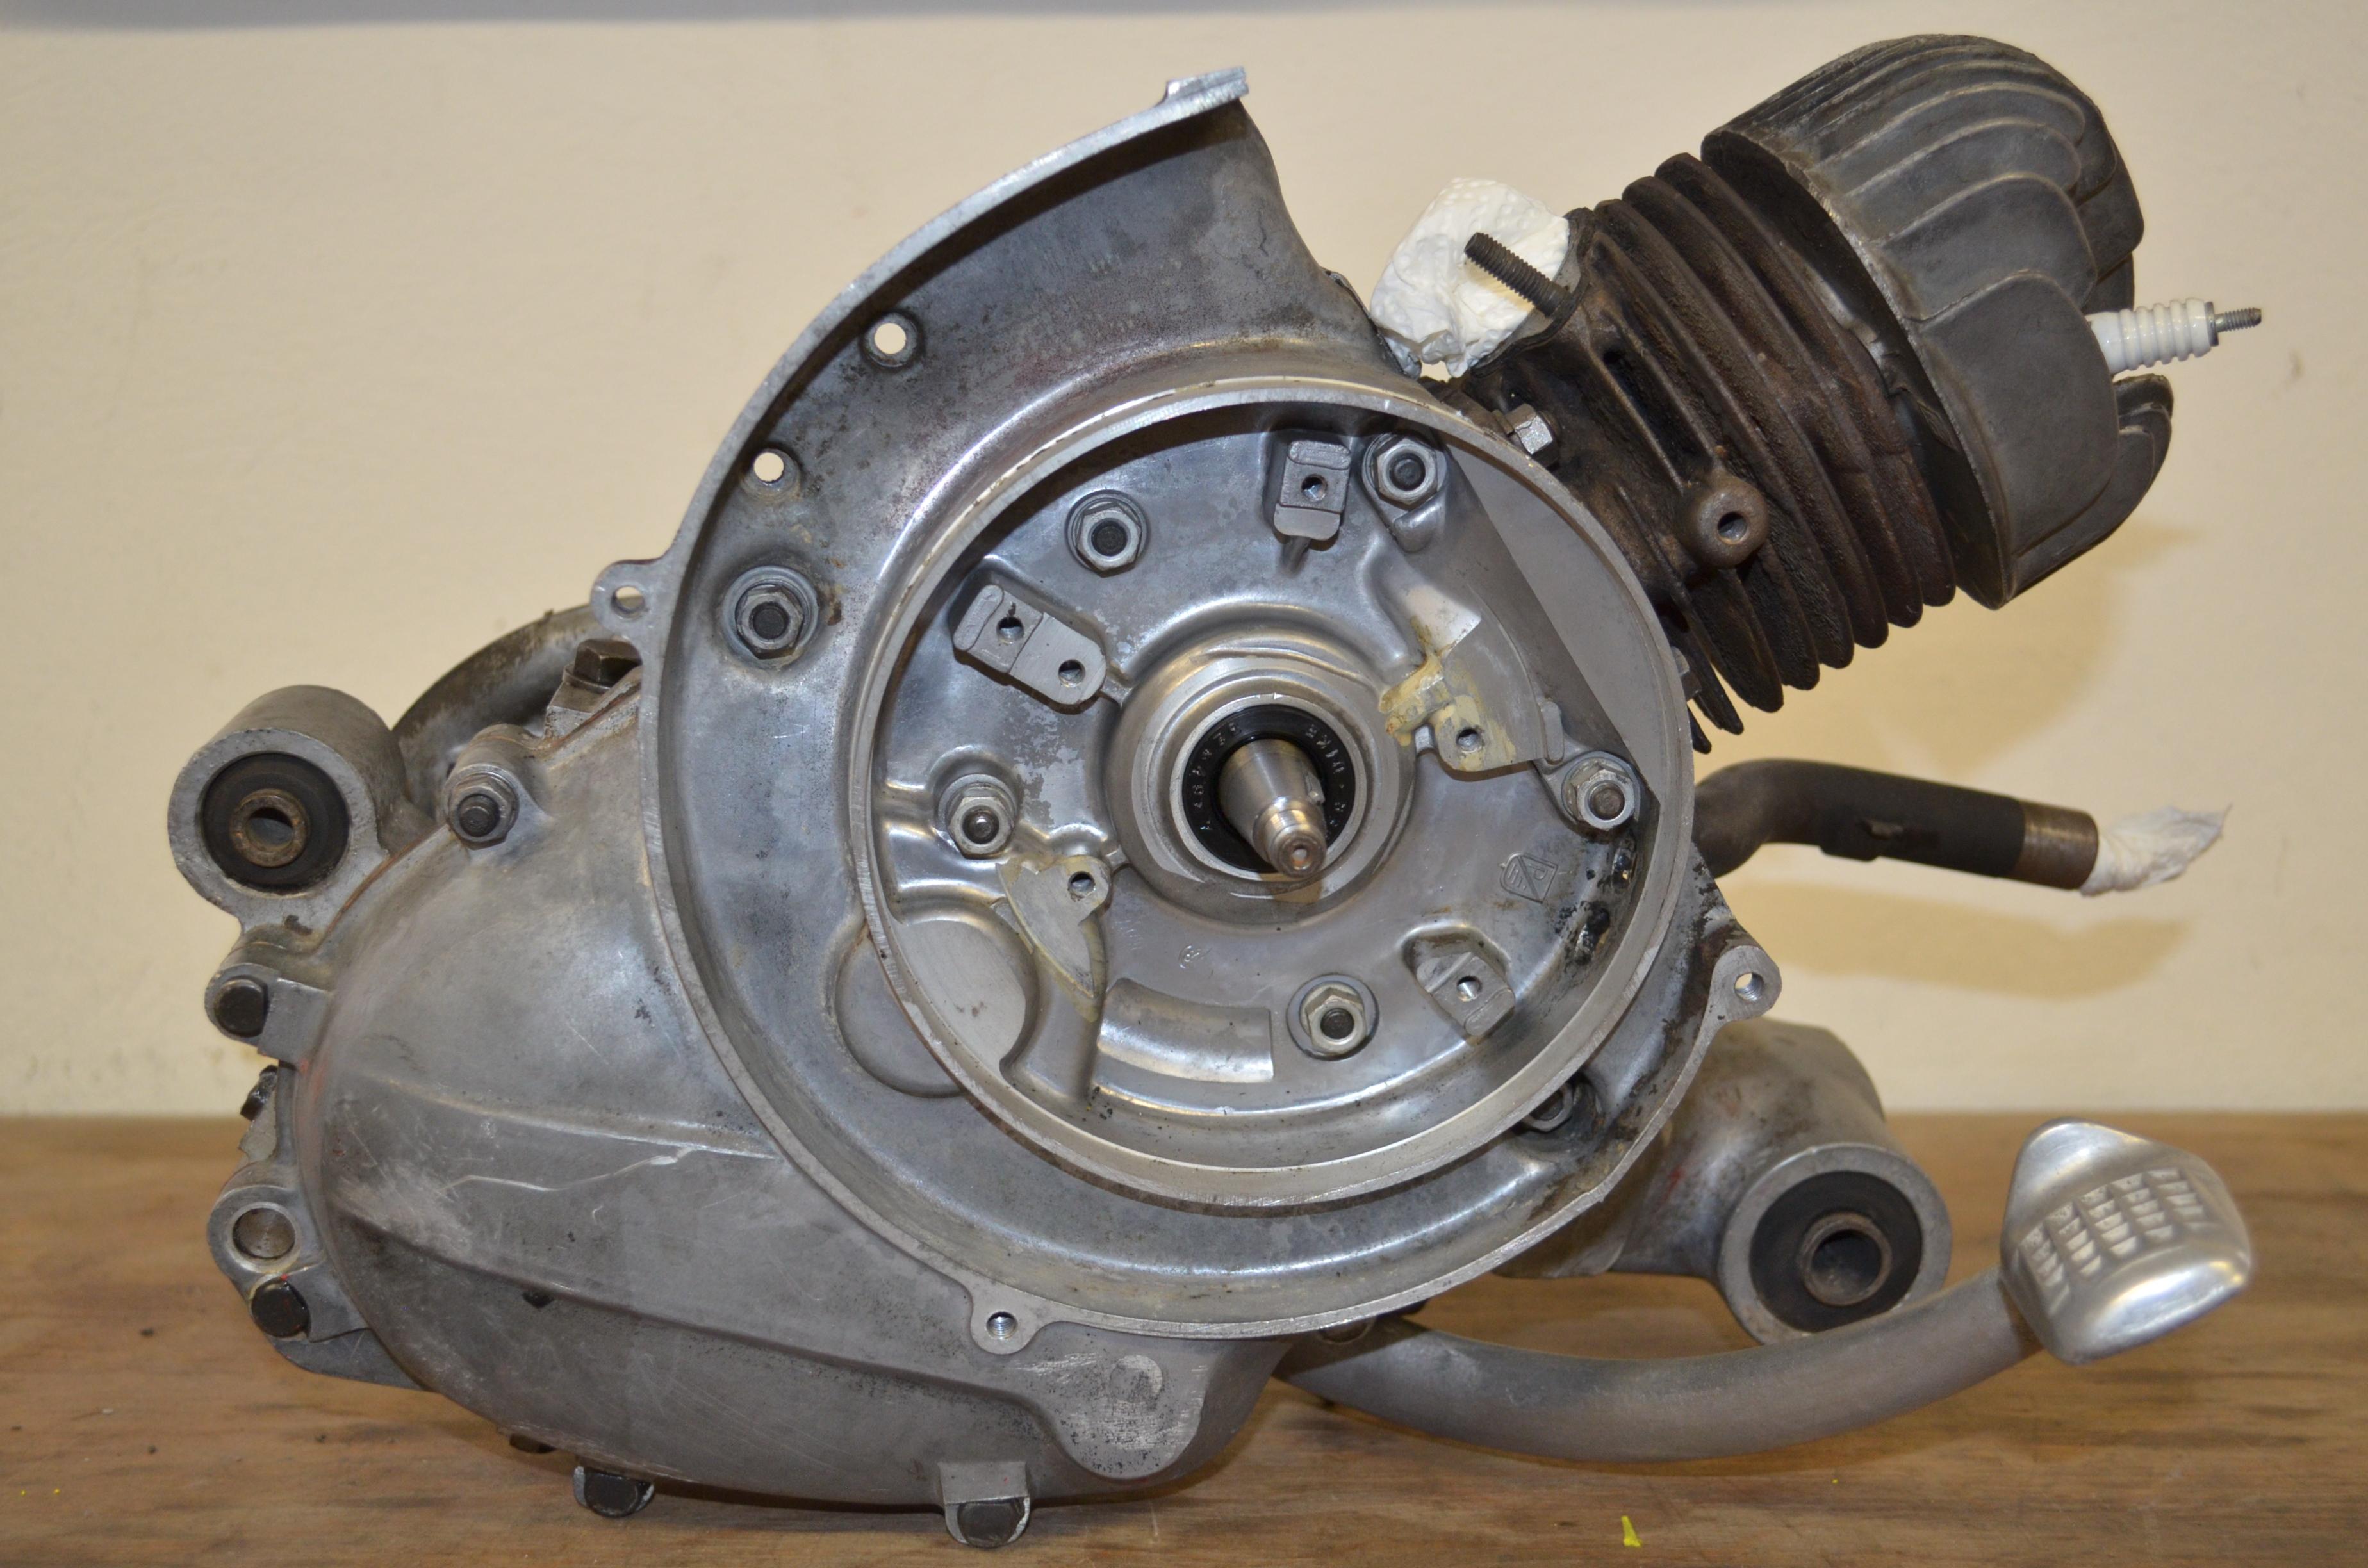 Motor Sf 1 Serie Verkaufe Vespa Teile Gsf Das Vespa